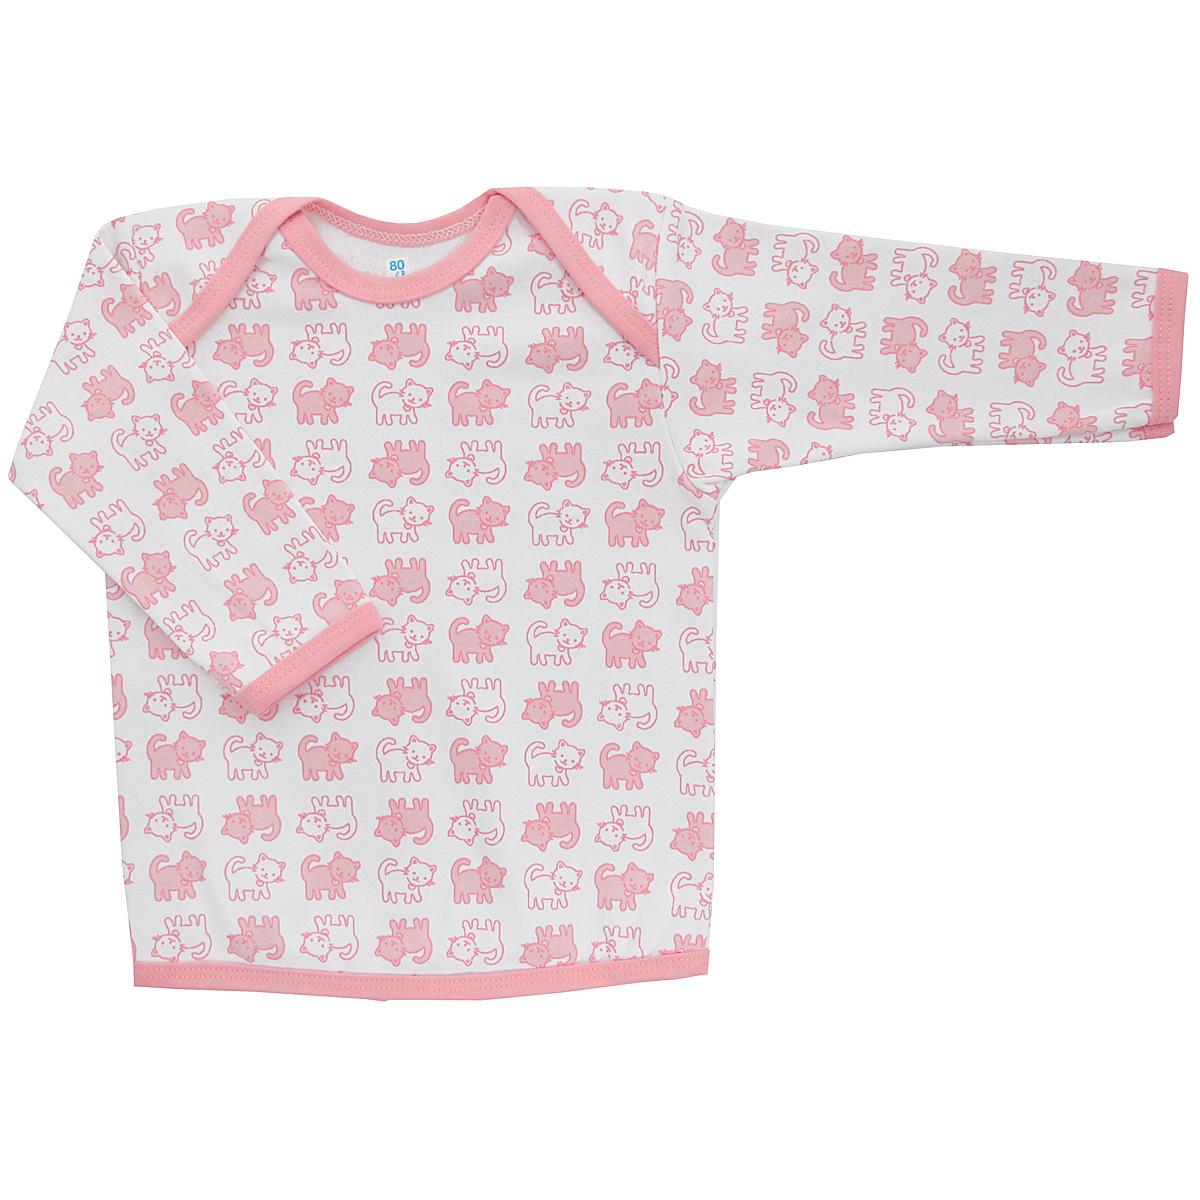 Футболка с длинным рукавом детская Трон-плюс, цвет: белый, розовый. 5611_котенок. Размер 74, 9 месяцев5611_котенокУдобная детская футболка Трон-плюс с длинными рукавами послужит идеальным дополнением к гардеробу вашего ребенка, обеспечивая ему наибольший комфорт. Изготовленная из интерлока - натурального хлопка, она необычайно мягкая и легкая, не раздражает нежную кожу ребенка и хорошо вентилируется, а эластичные швы приятны телу ребенка и не препятствуют его движениям. Удобные запахи на плечах помогают легко переодеть младенца. Горловина, низ модели и низ рукавов дополнены трикотажной бейкой. Спинка модели незначительно укорочена. Оформлено изделие принтом с изображениями котенка. Футболка полностью соответствует особенностям жизни ребенка в ранний период, не стесняя и не ограничивая его в движениях.